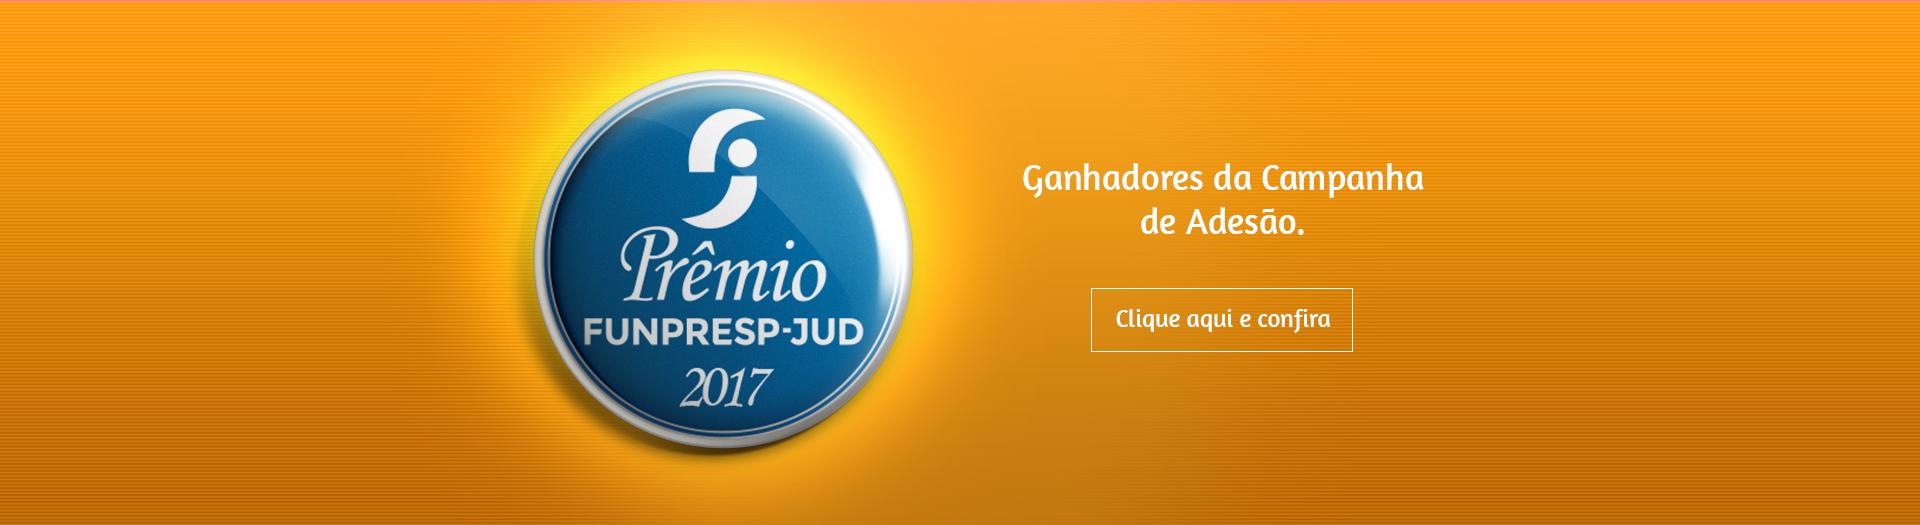 Premio_FunprespJud_2017_banner_site_resultado2_home-1